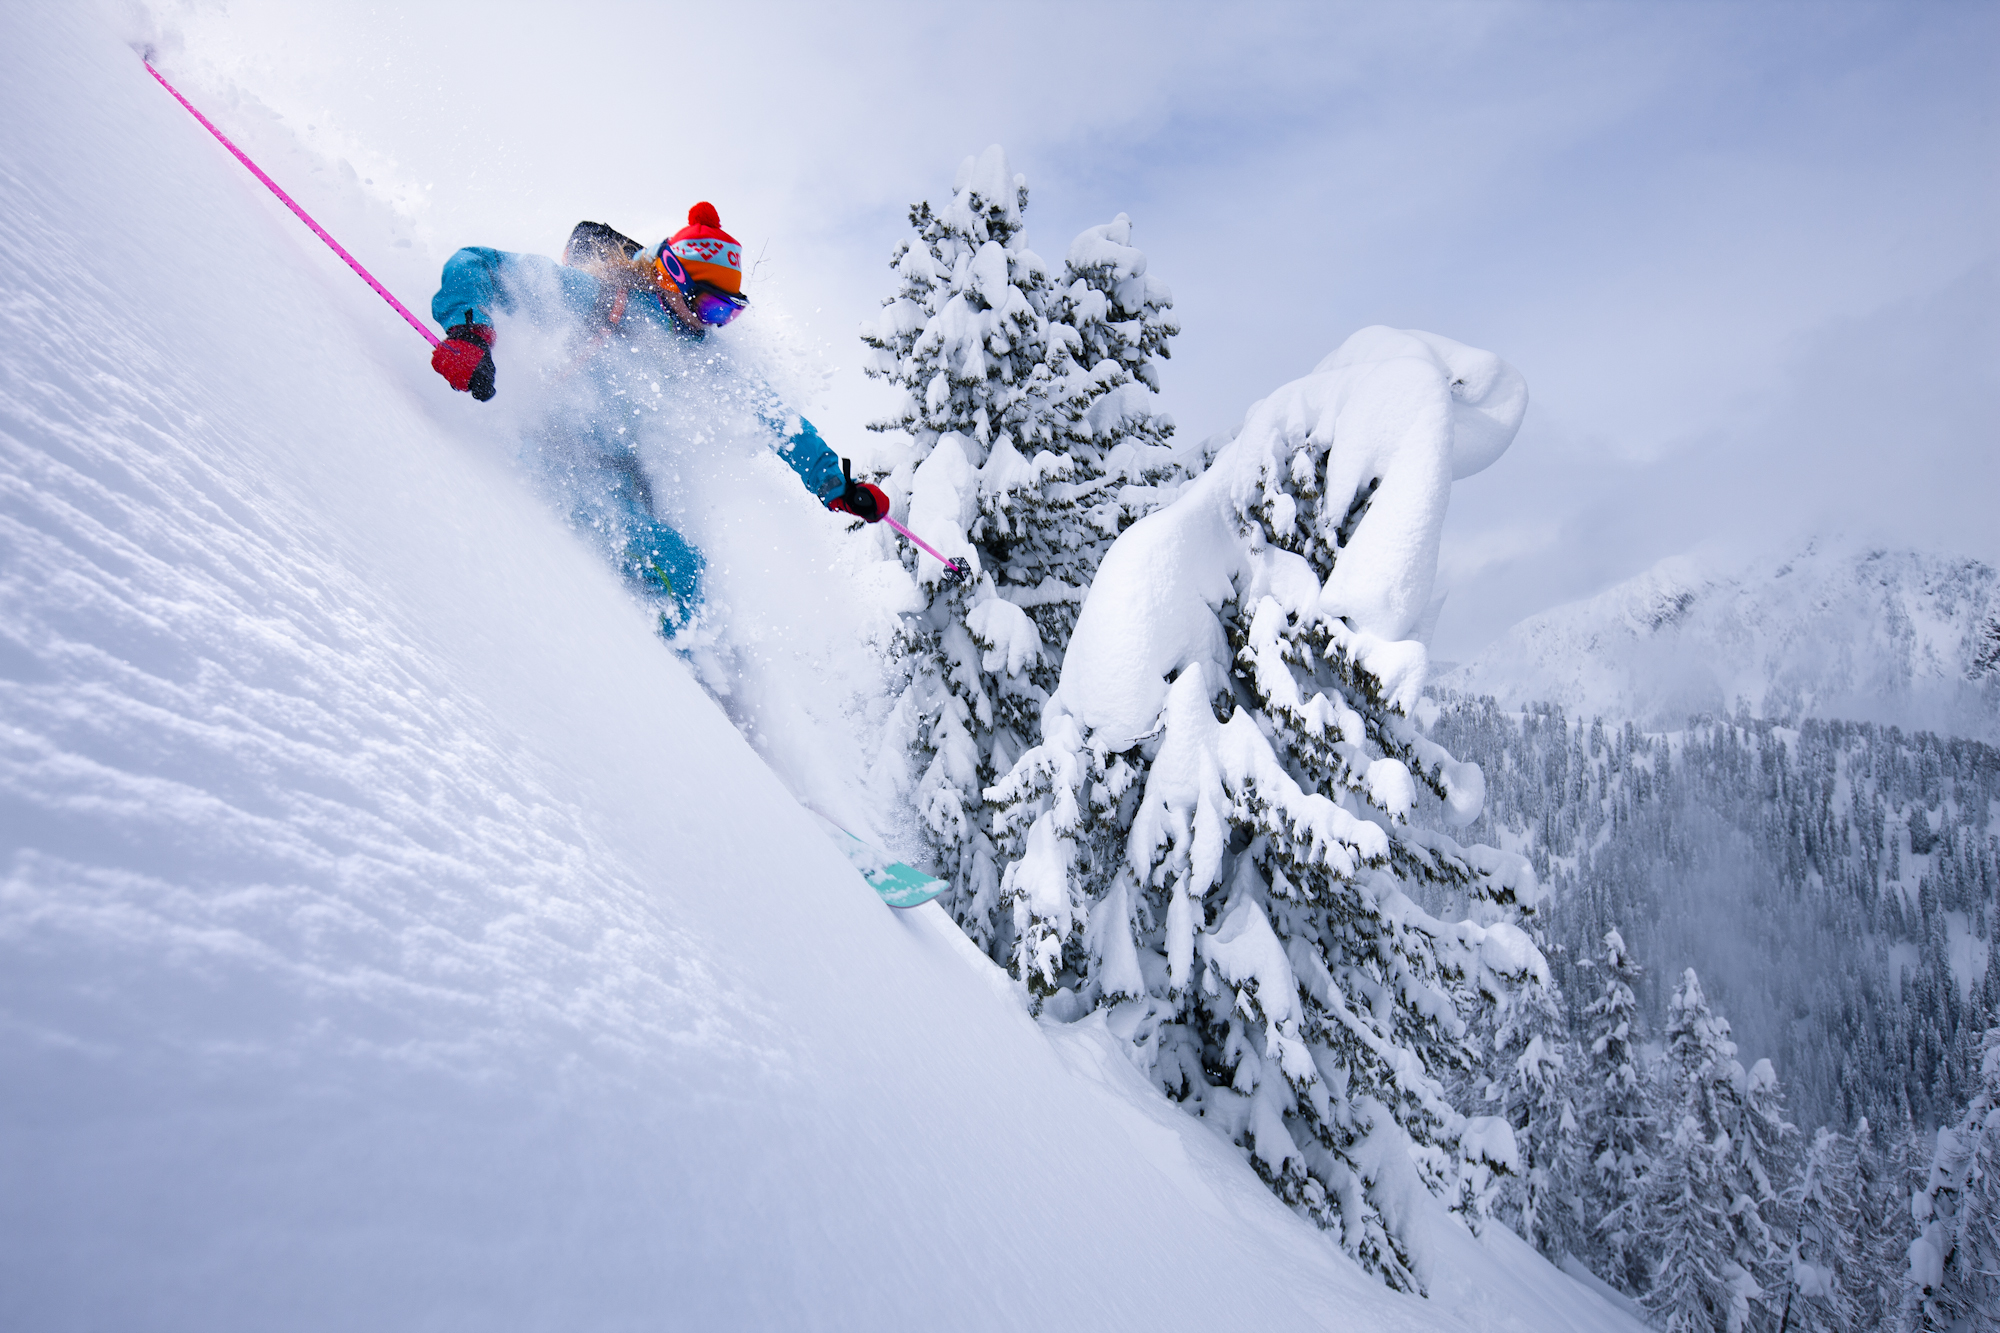 Black Crows ski freeride